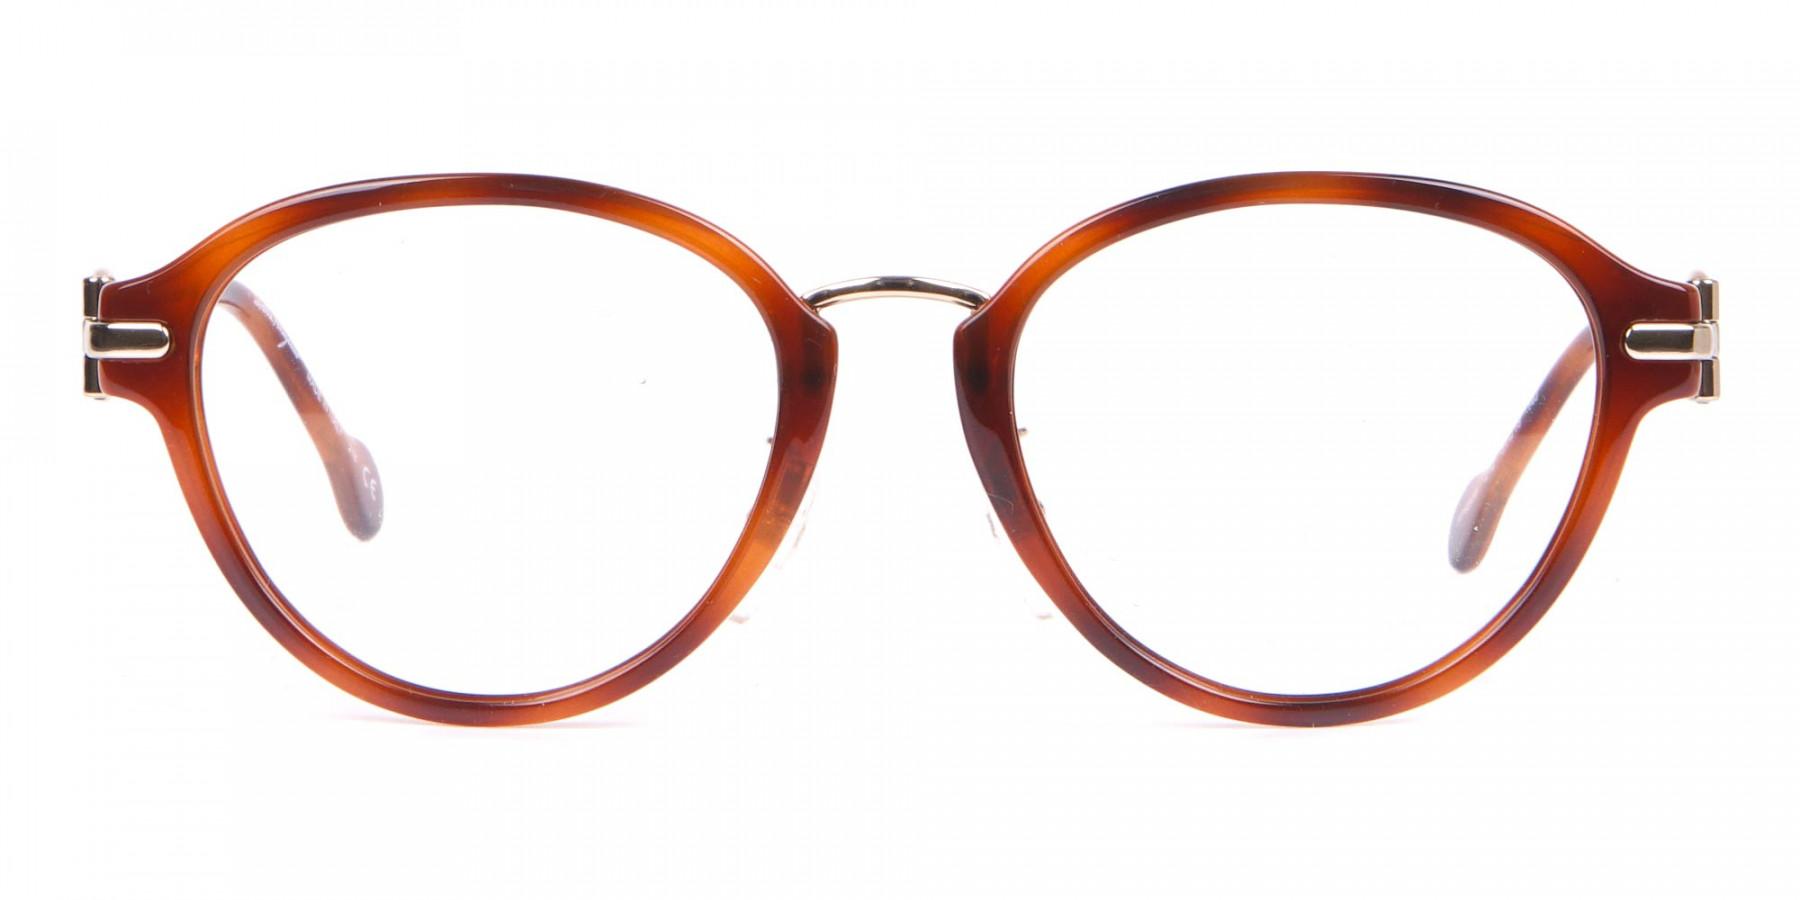 Salvatore Ferragamo SF2826 Women Round Glasses in Tortoise-1